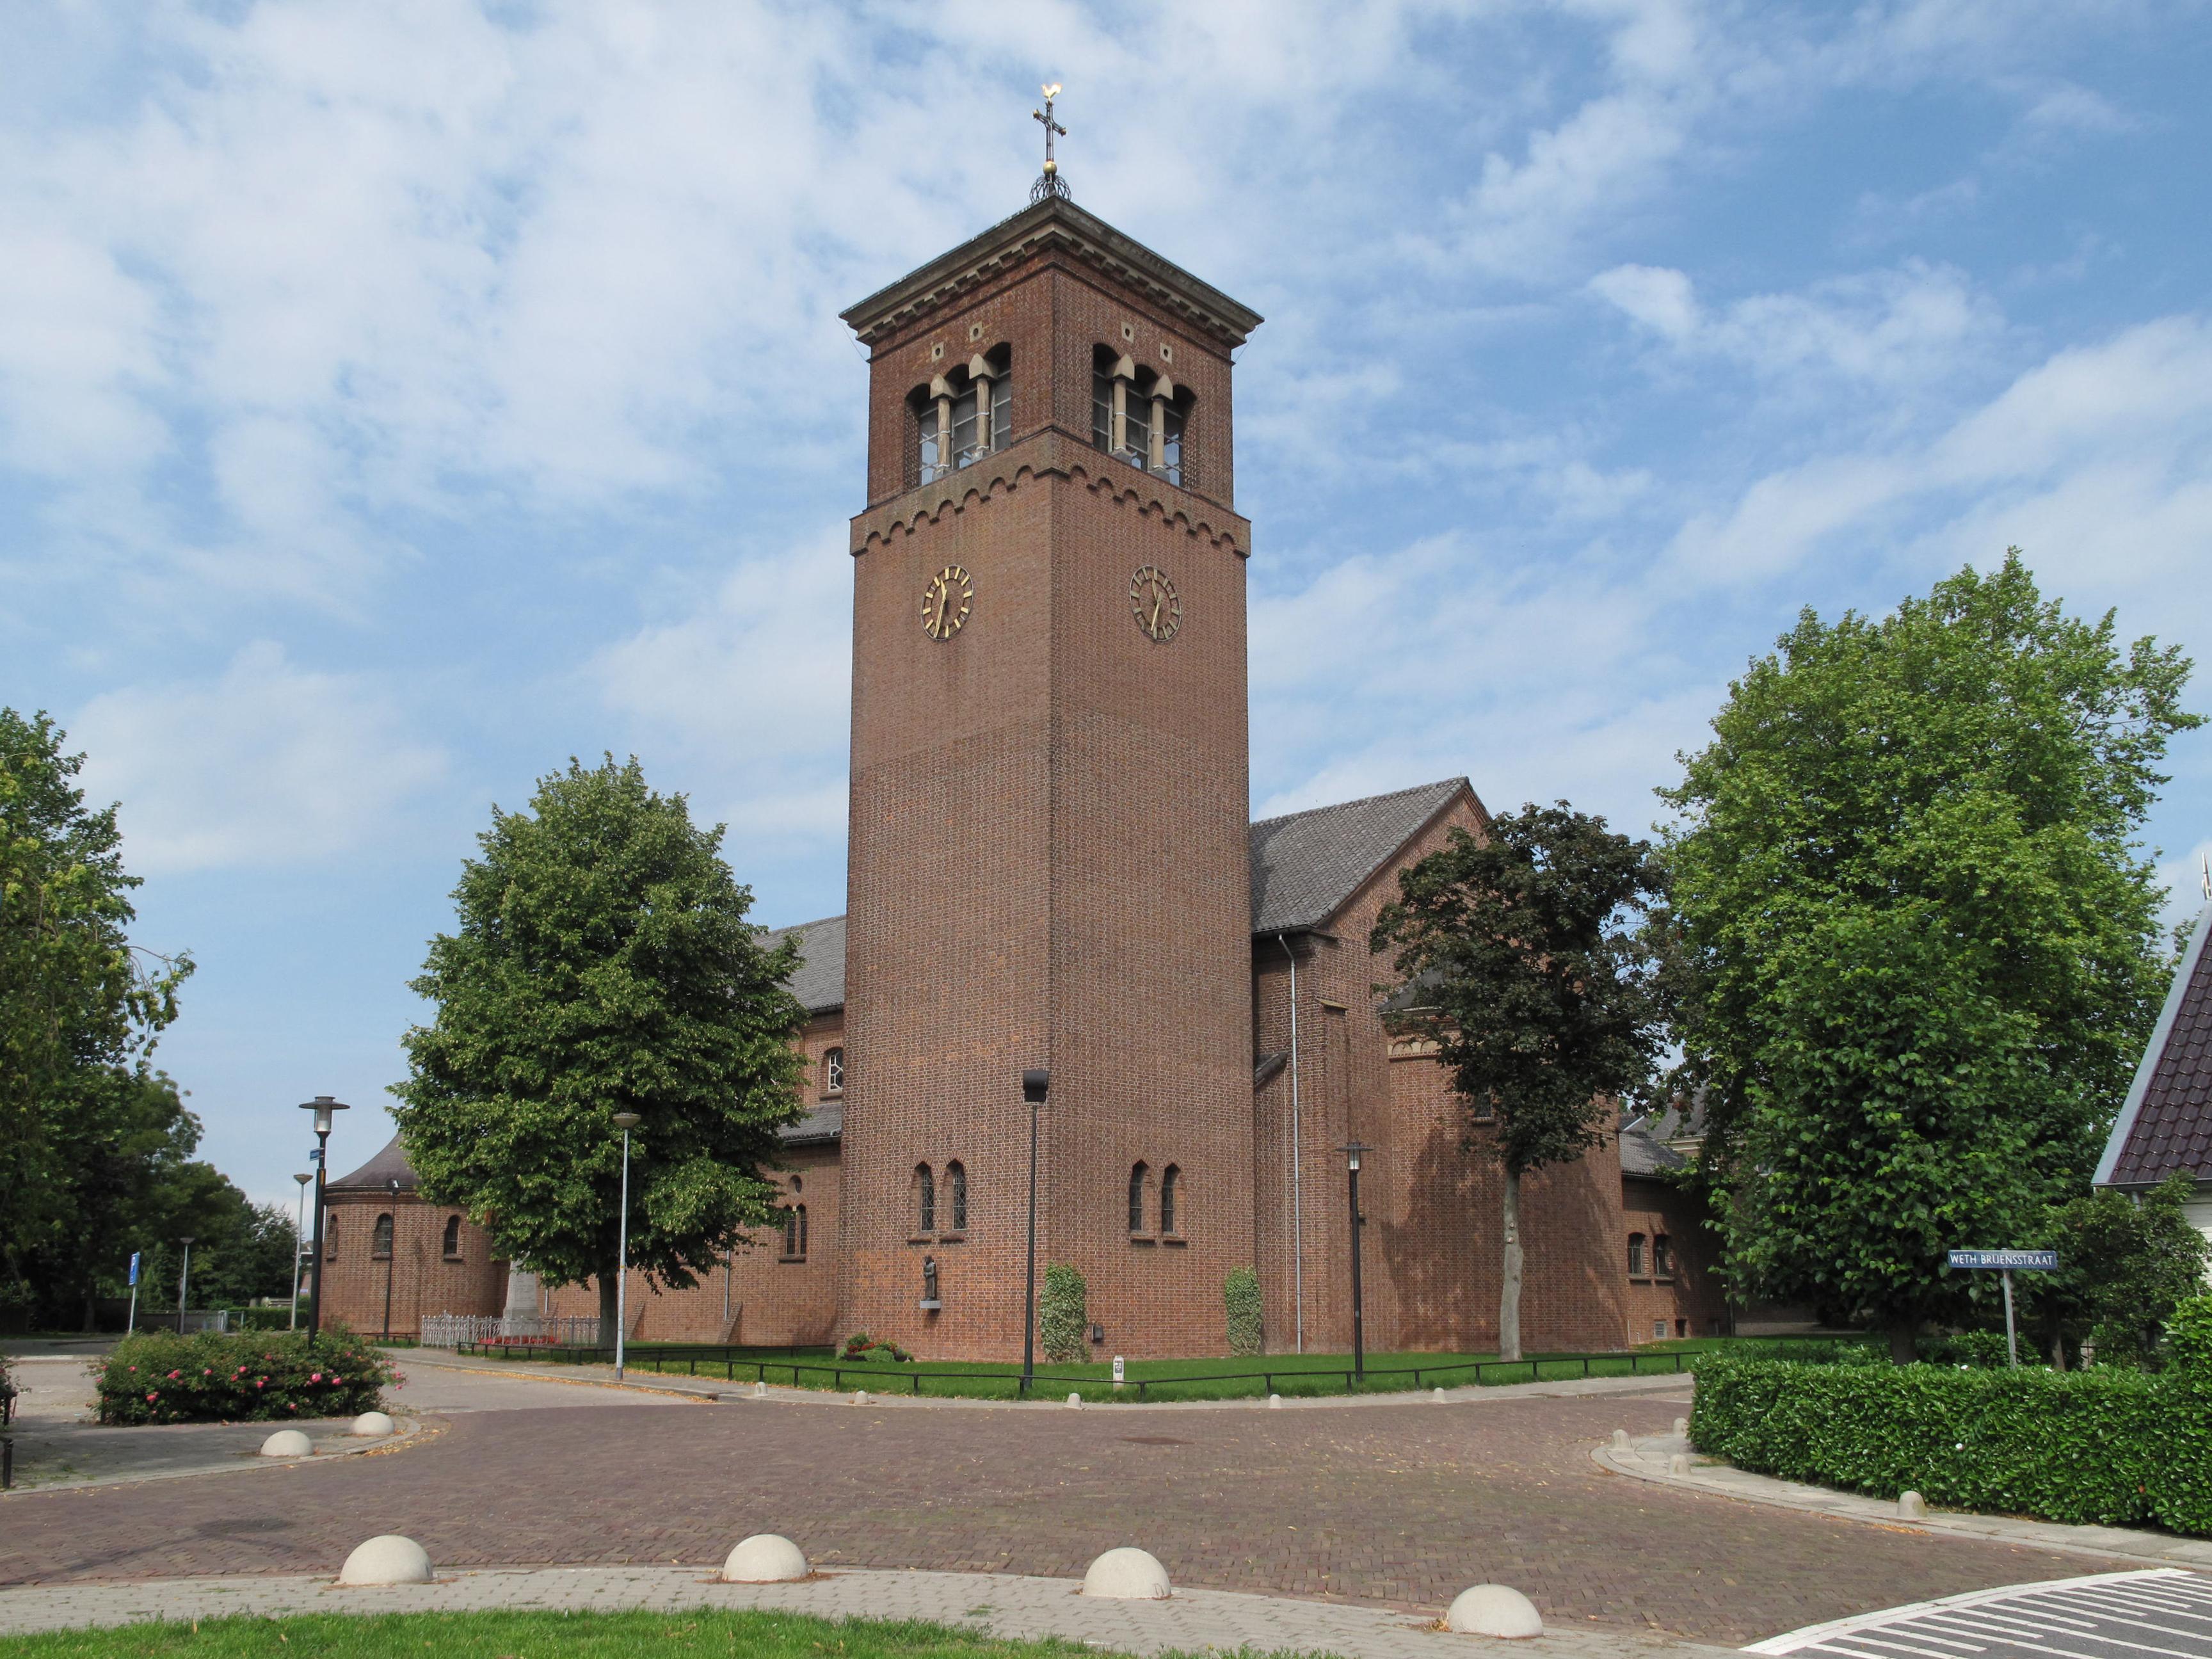 toren met klok